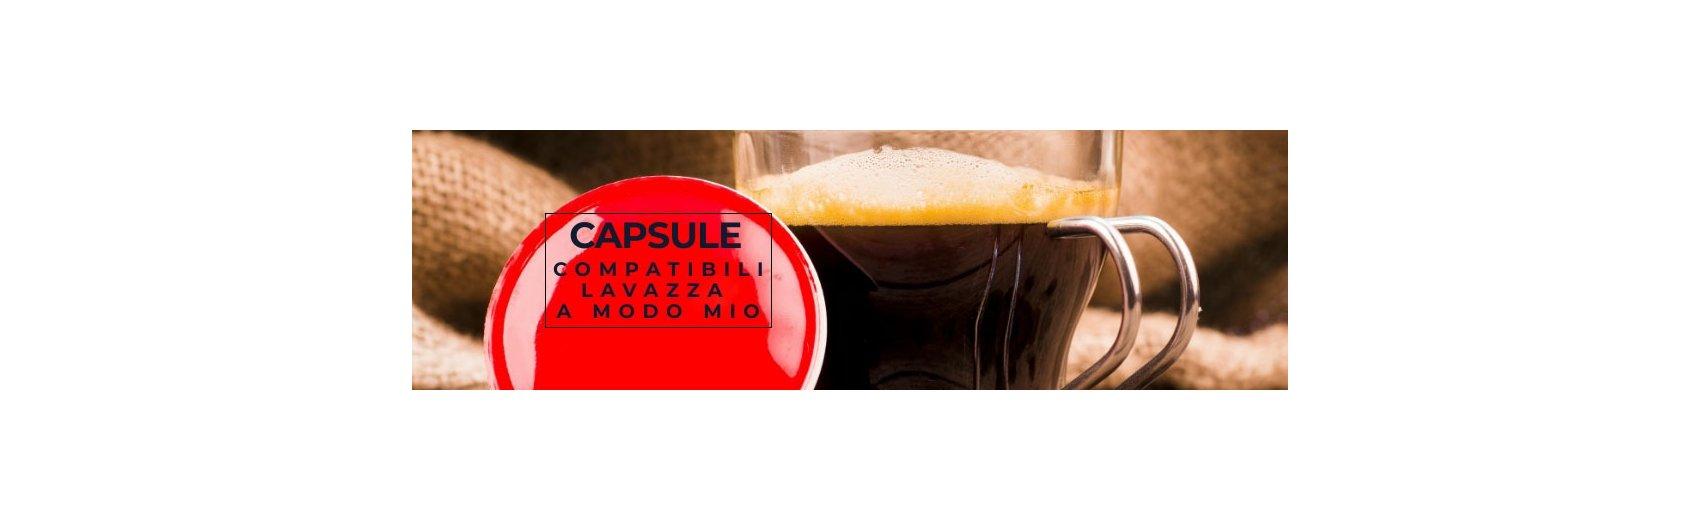 Capsule compatibili Lavazza a Modo Mio - Caffè Castroni